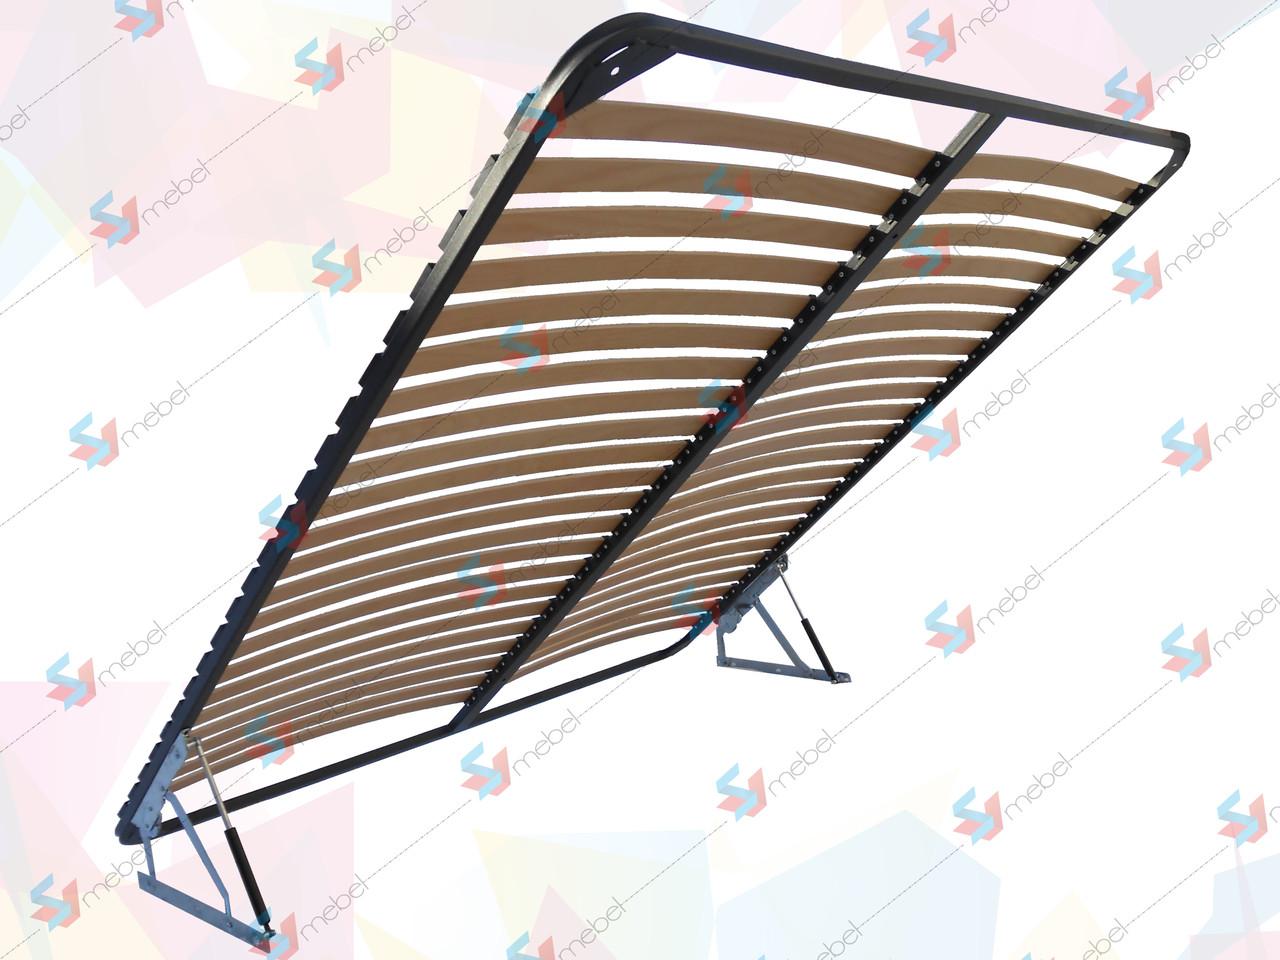 Каркас кровати ортопедический двухспальный с подъемным механизмом(без фиксатора) 2000х1200 мм - SVmebel в Мелитополе